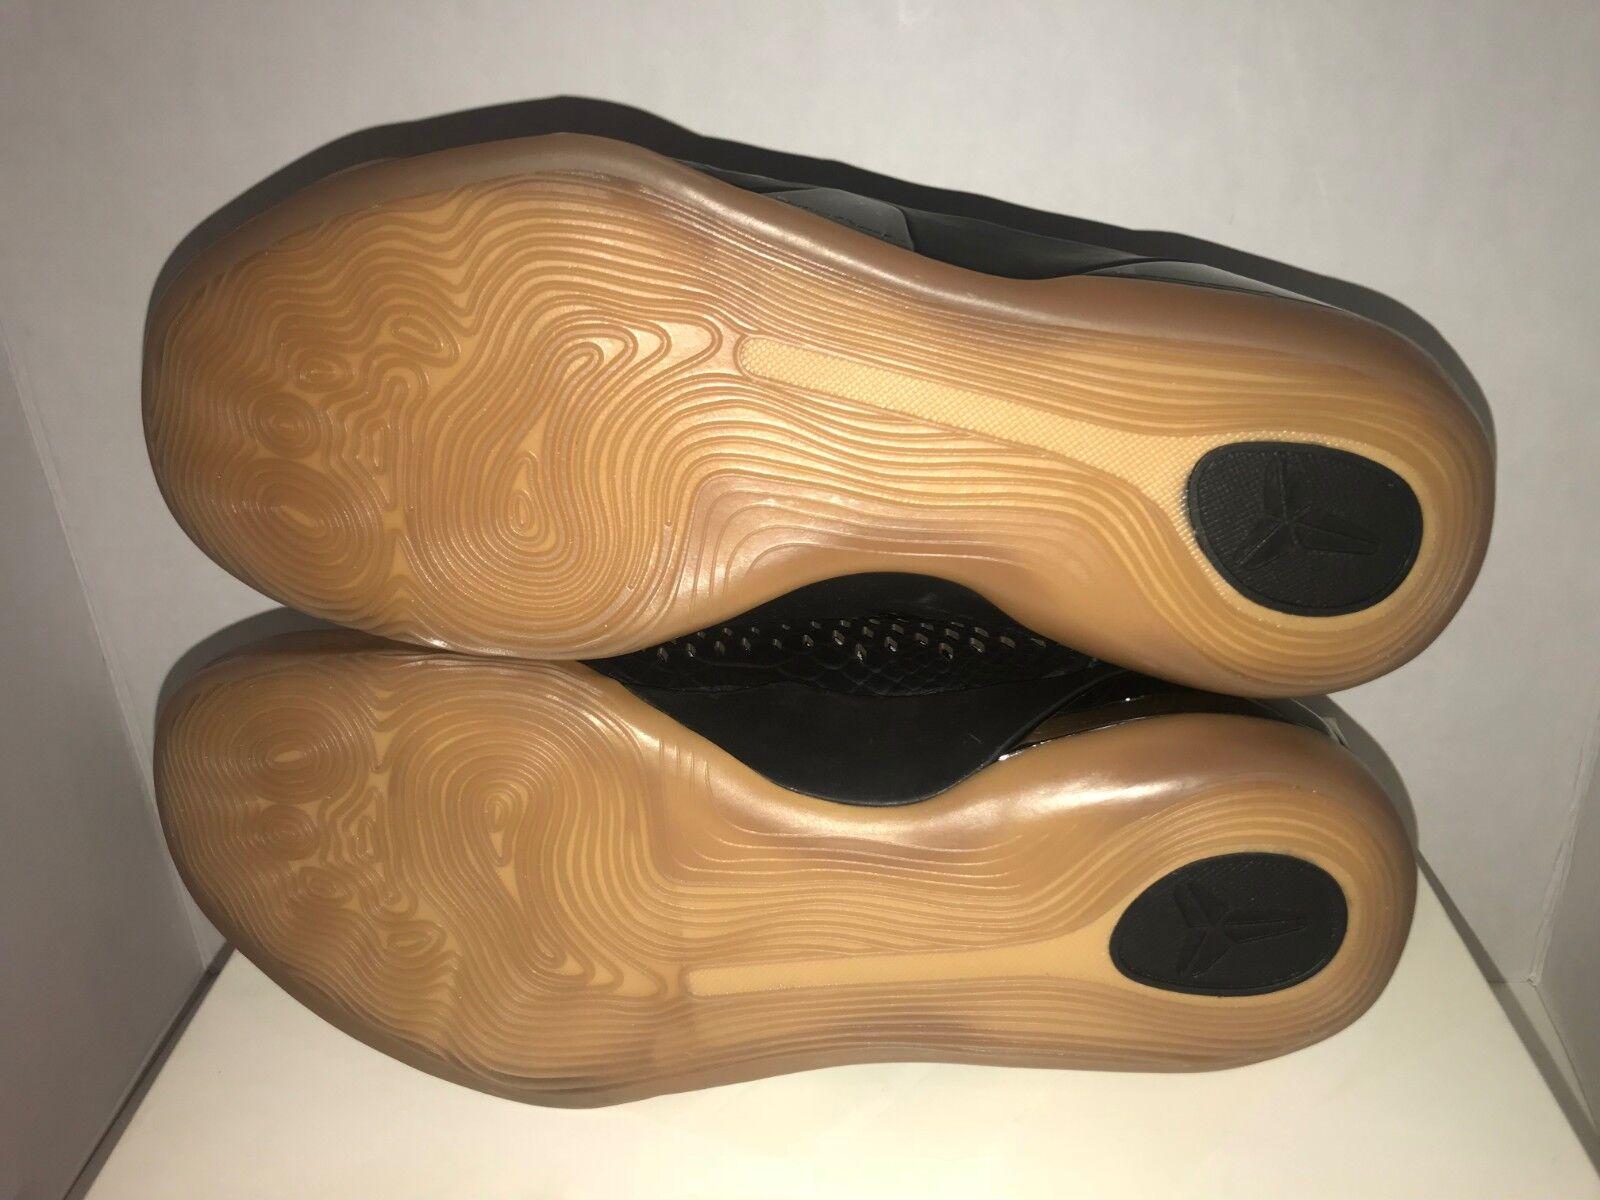 Nike kobe 9 mitte ext ext ext qs schlangenhaut schwarze kaugummi   11 12 ds 704286 001 945f62